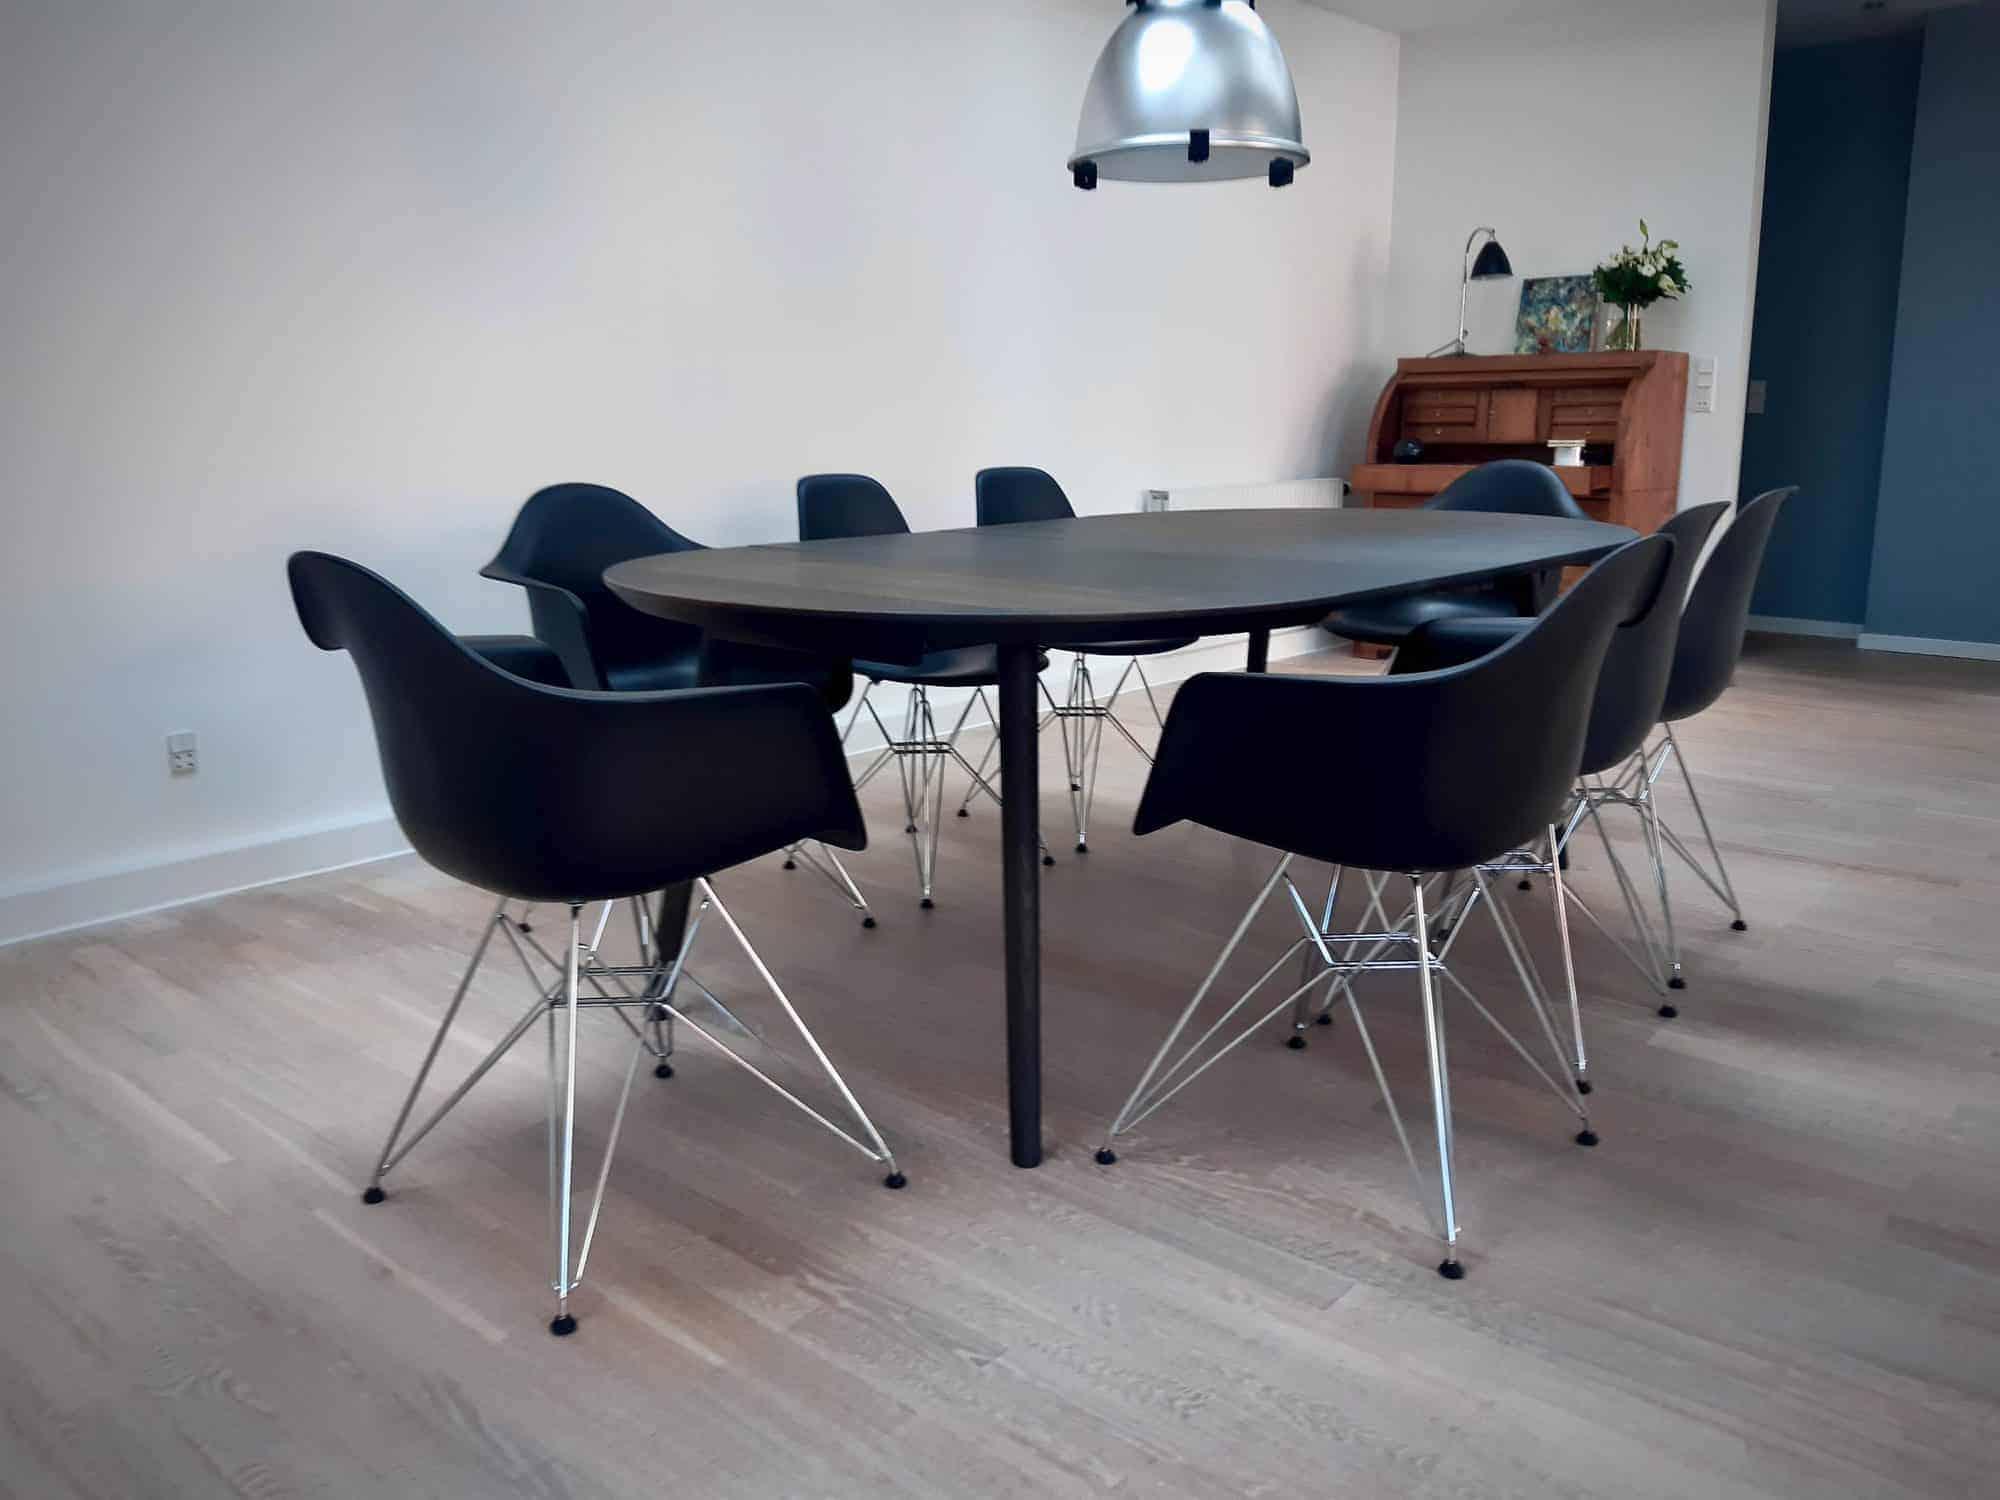 rundtbord rundbord ovalt bord bord i trae traebord traemobler kaerbygaard kaerbygård august 2020 5 scaled